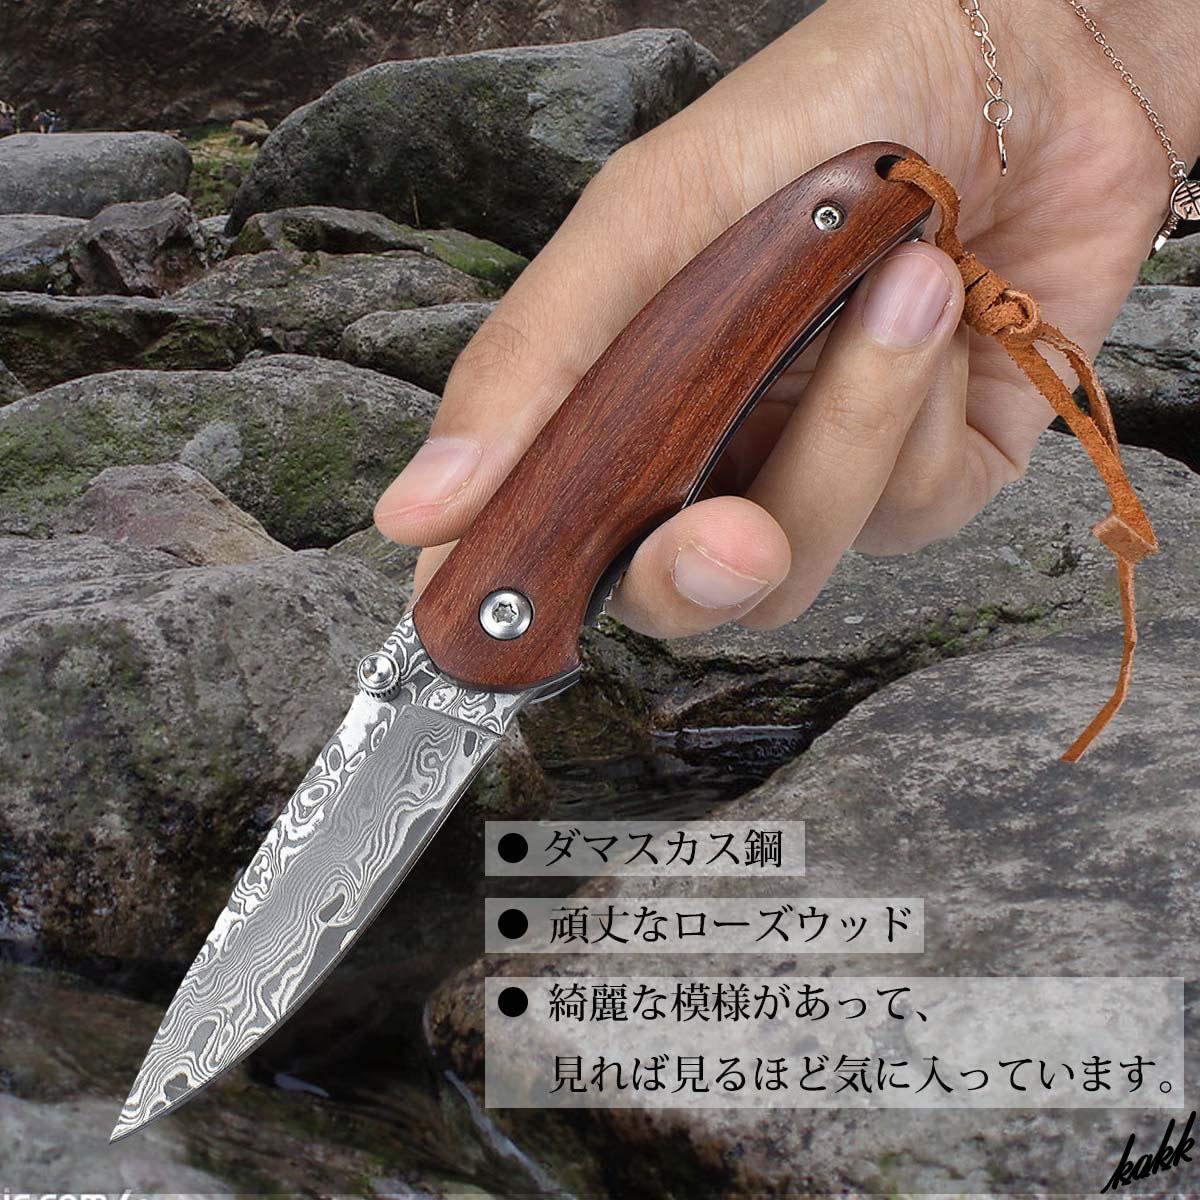 【見た目にも美しいダマスカス】 折りたたみナイフ フォールディングナイフ 小型 ローズウッド ライナーロック アウトドア包丁 キャンプ